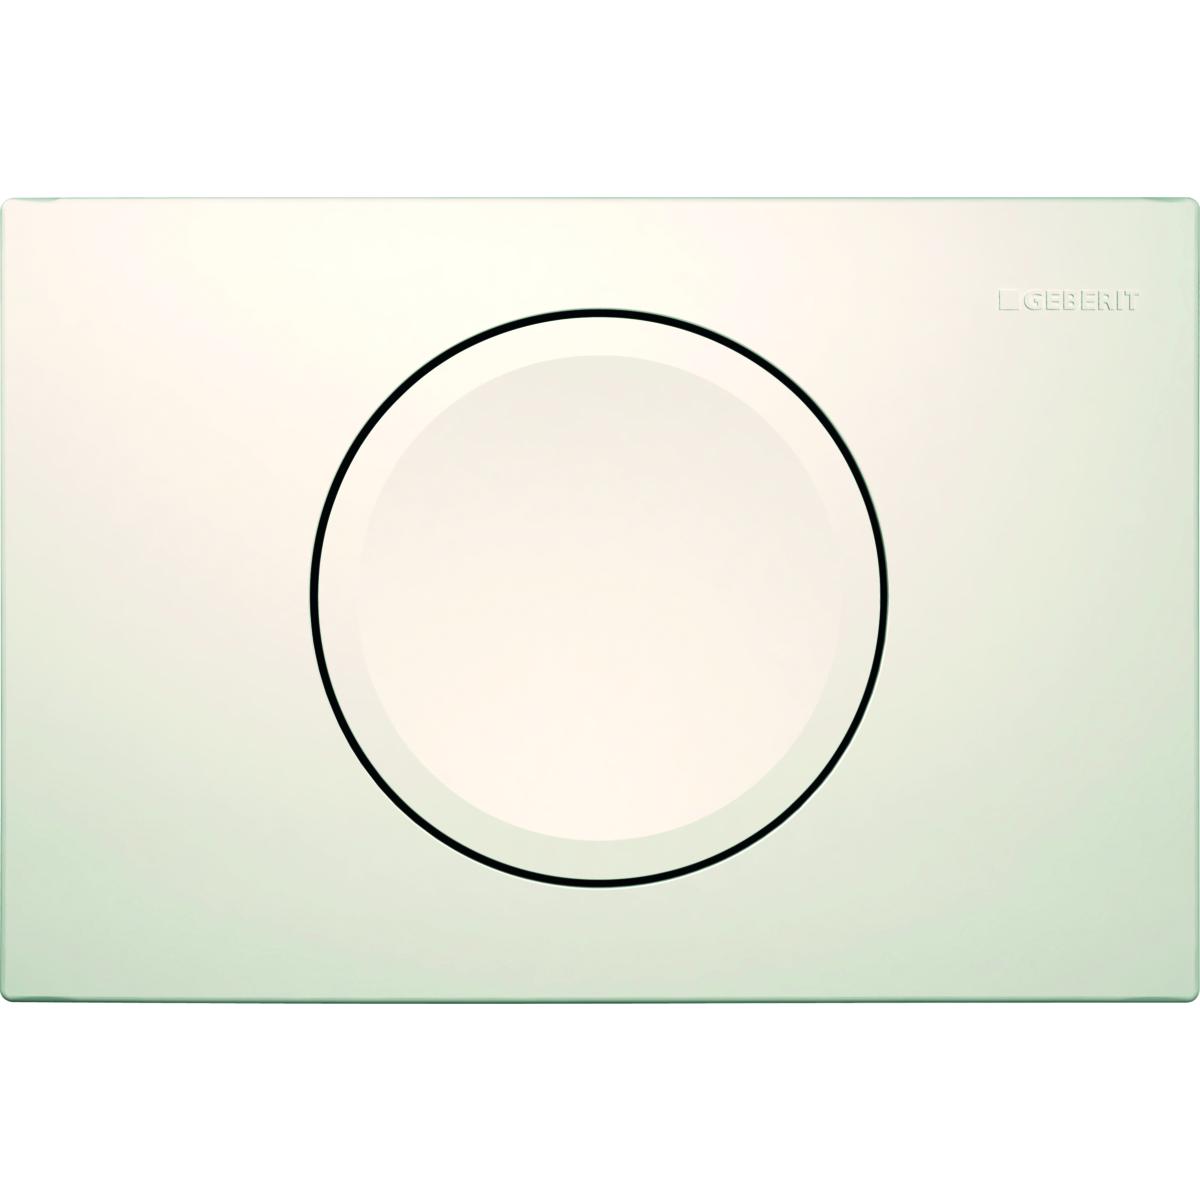 Кнопка смыва GEBERIT 115.120.11.1 Delta 11 (пластик/белый)